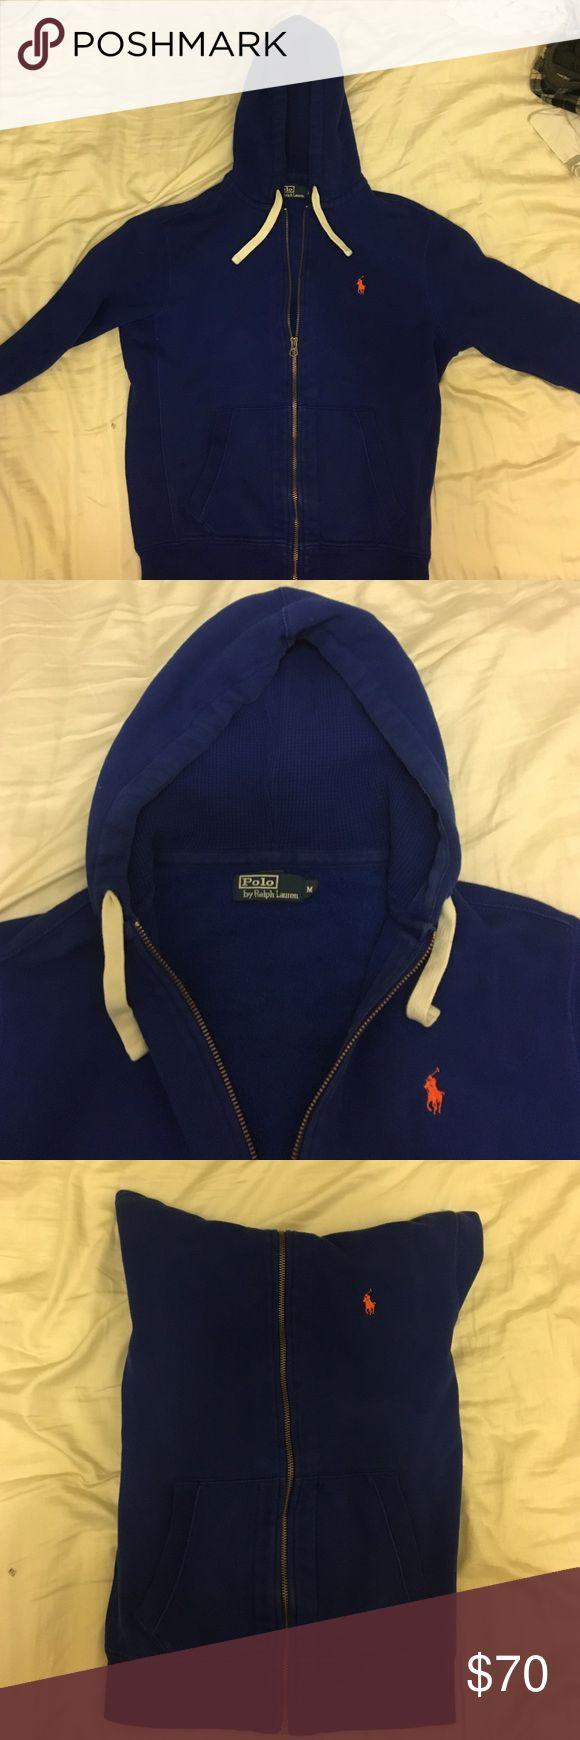 Blue Zip Up Hoodie Used Ralph Lauren blue zip up hoodie with orange symbol. Polo by Ralph Lauren Sweaters Zip Up